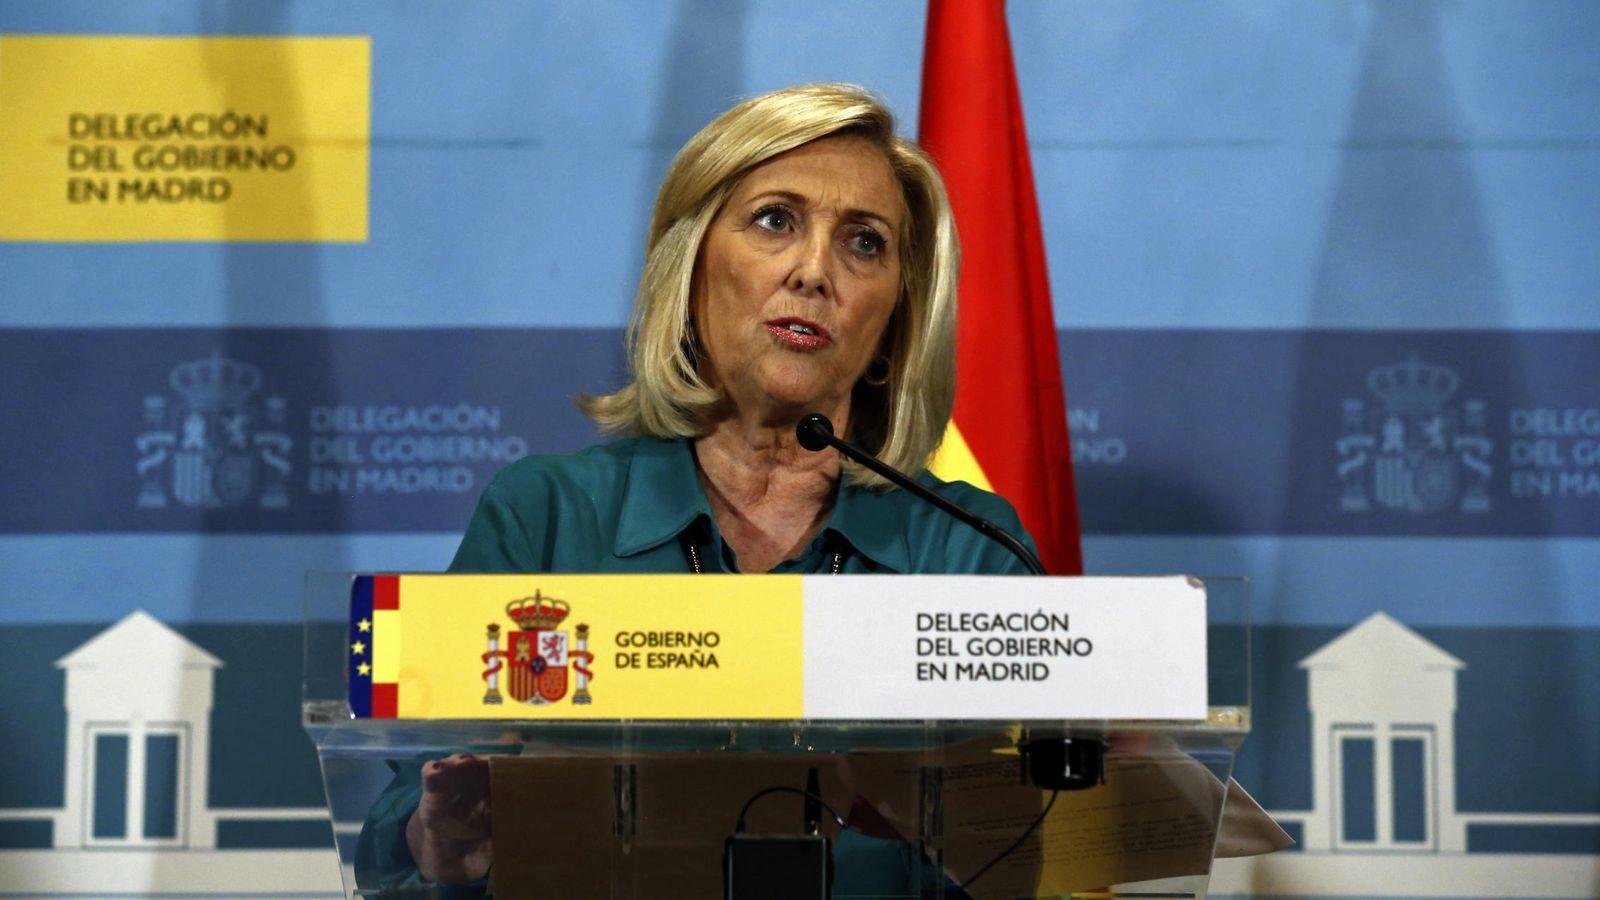 Foto: La delegada del Gobierno en Madrid, Concepción Dancausa. (EFE)